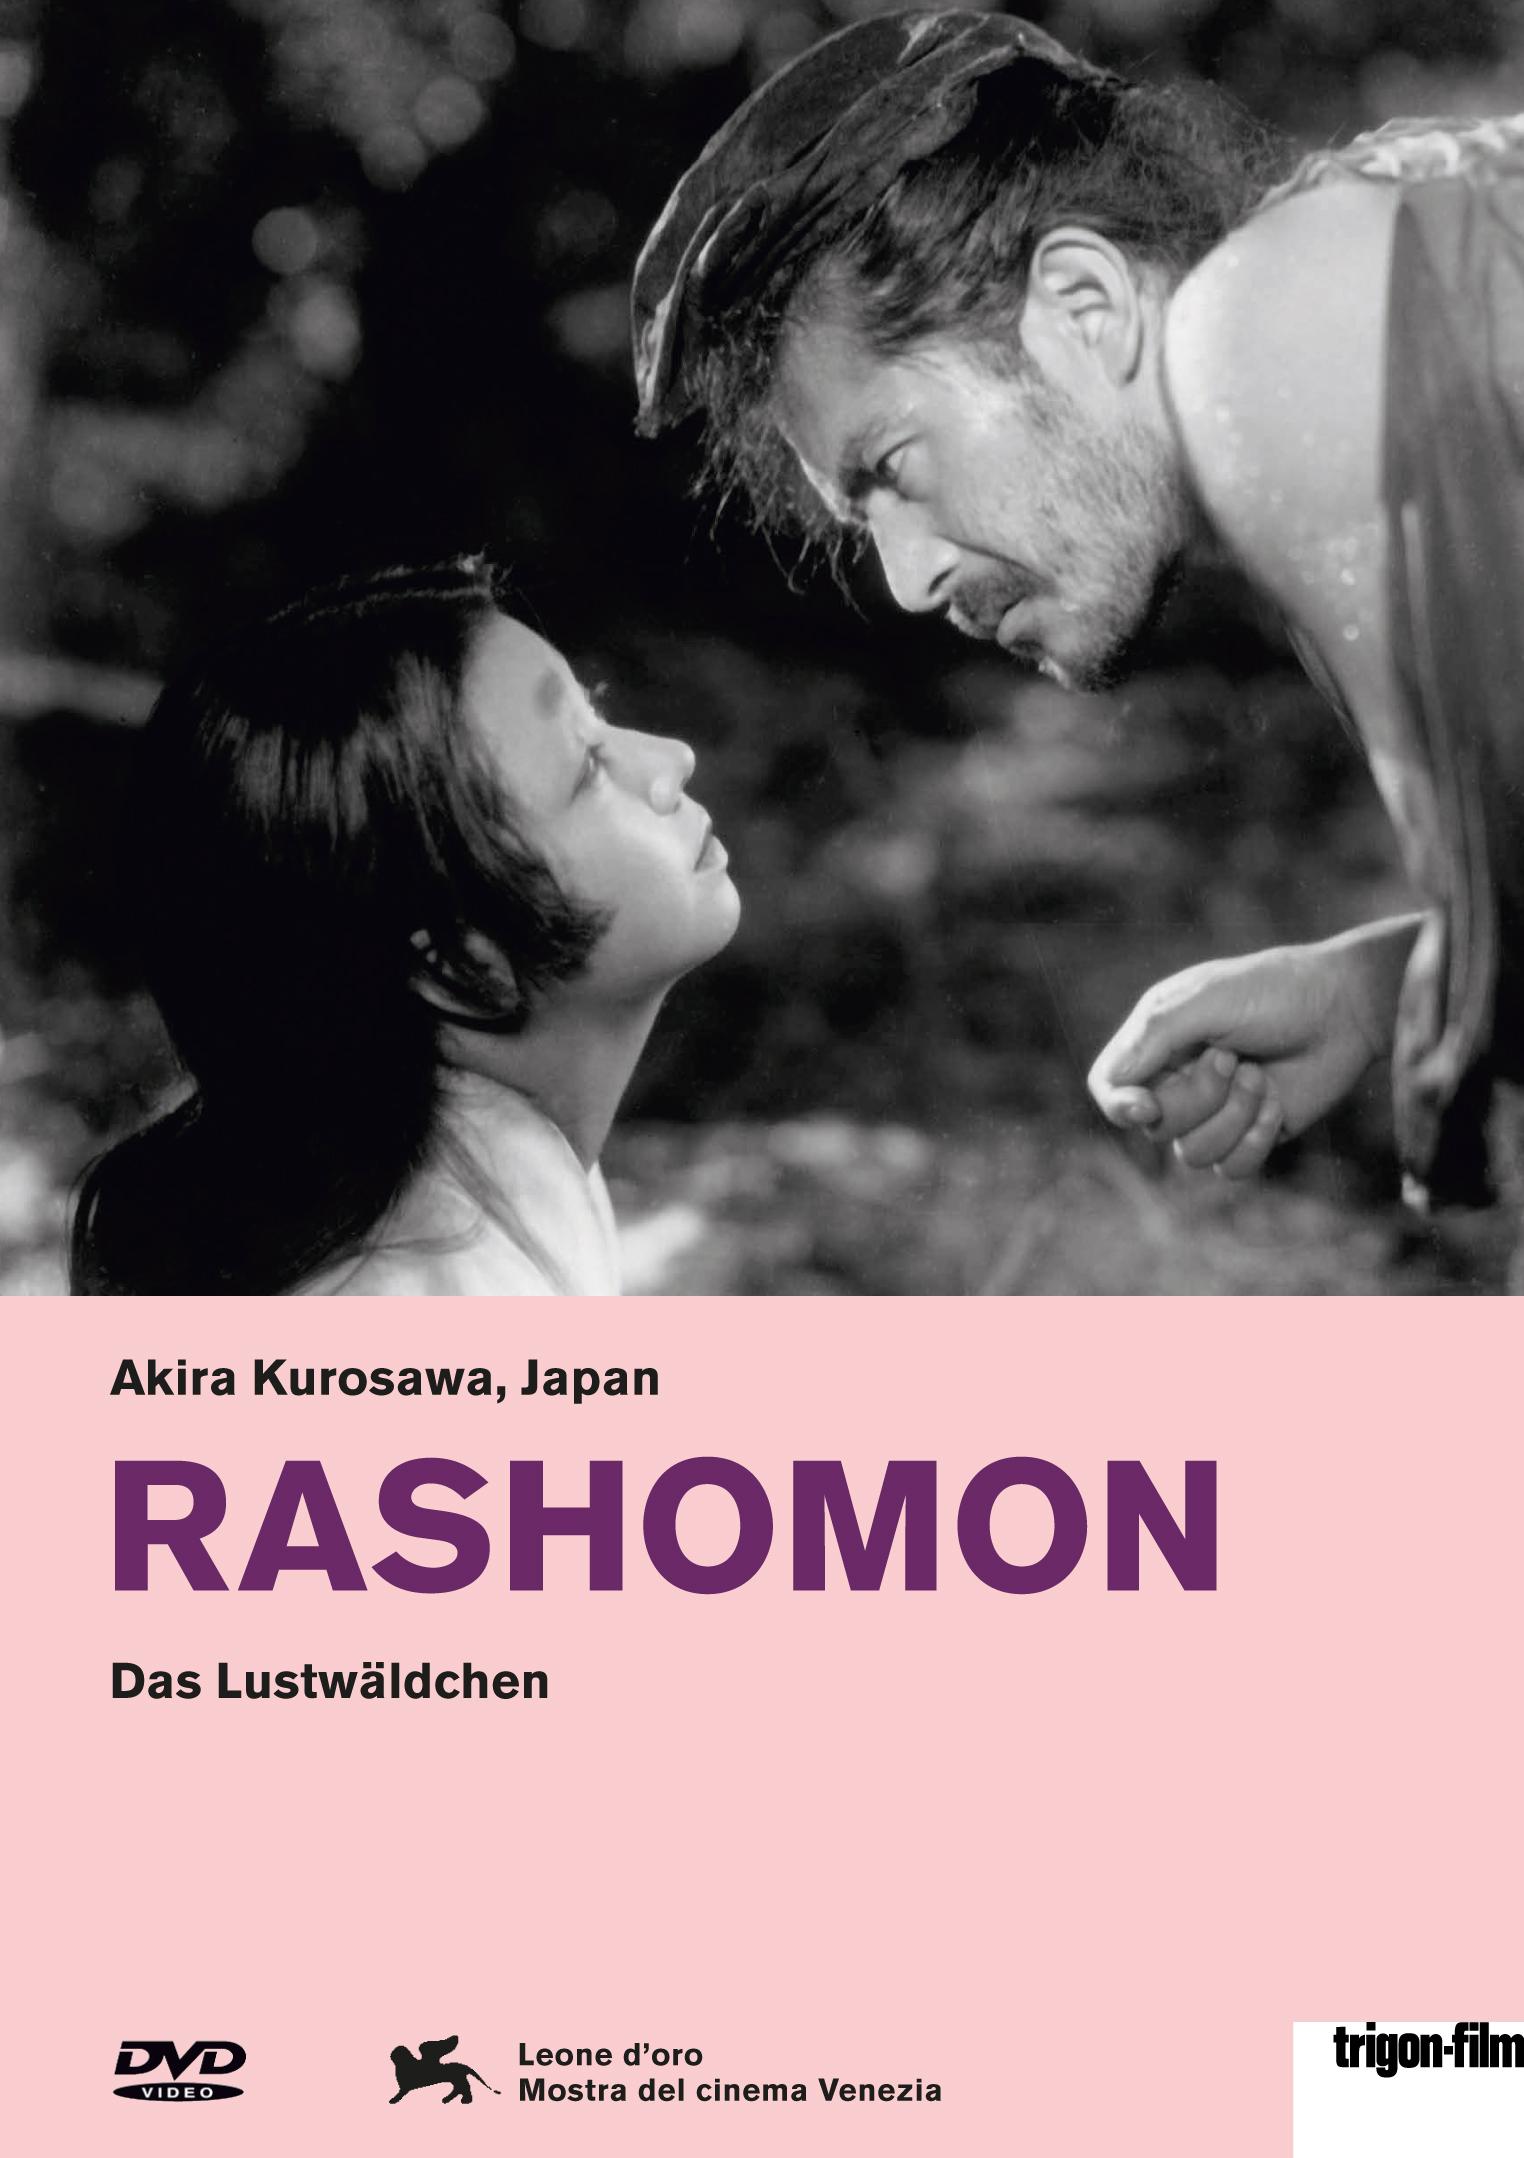 Akira Kurosawa | Film | The Guardian